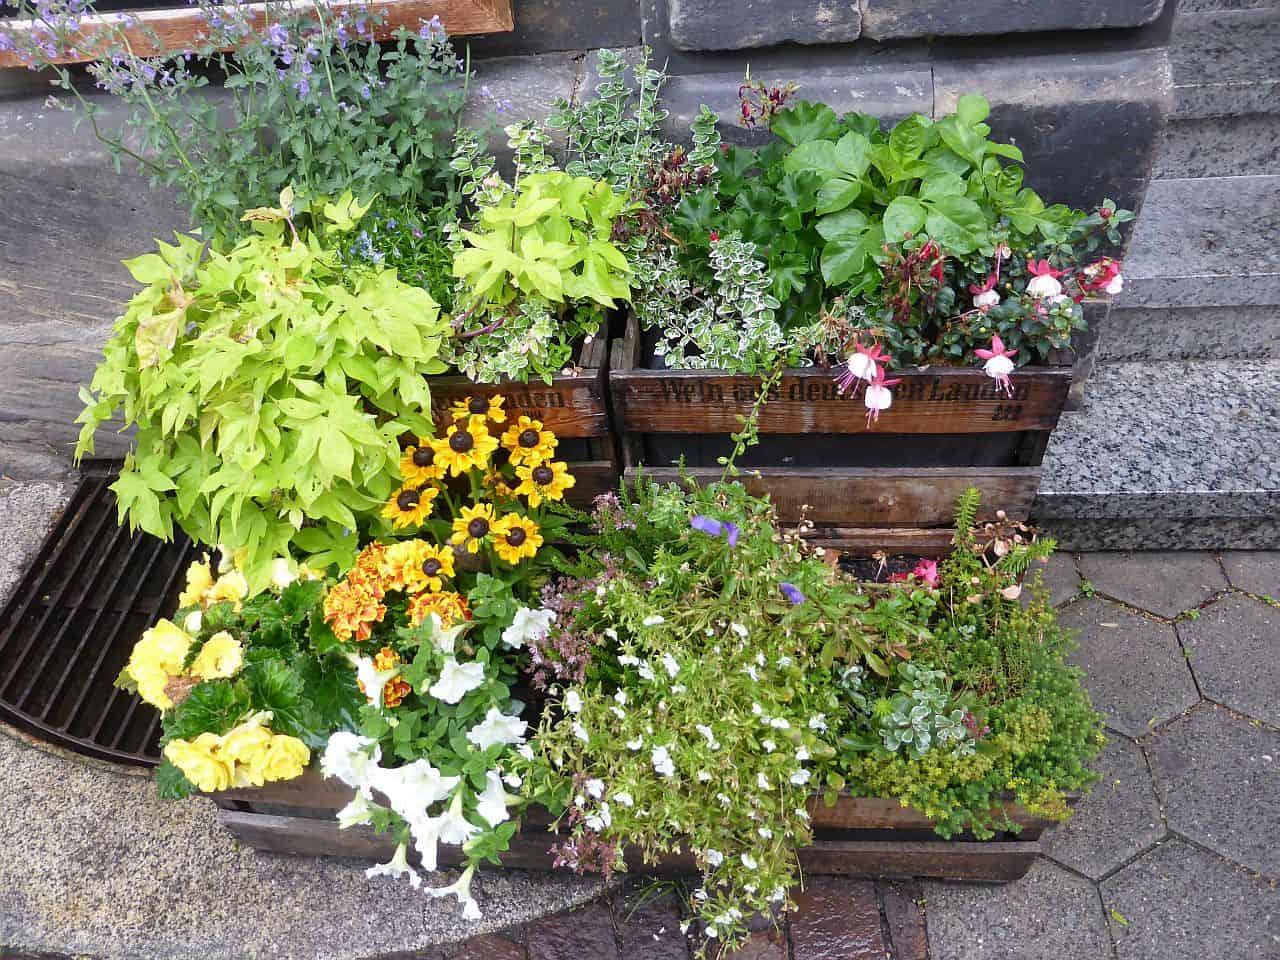 Top Mobiles Gärtnern in Kisten auf wenig Raum - nachgeharkt @KI_41